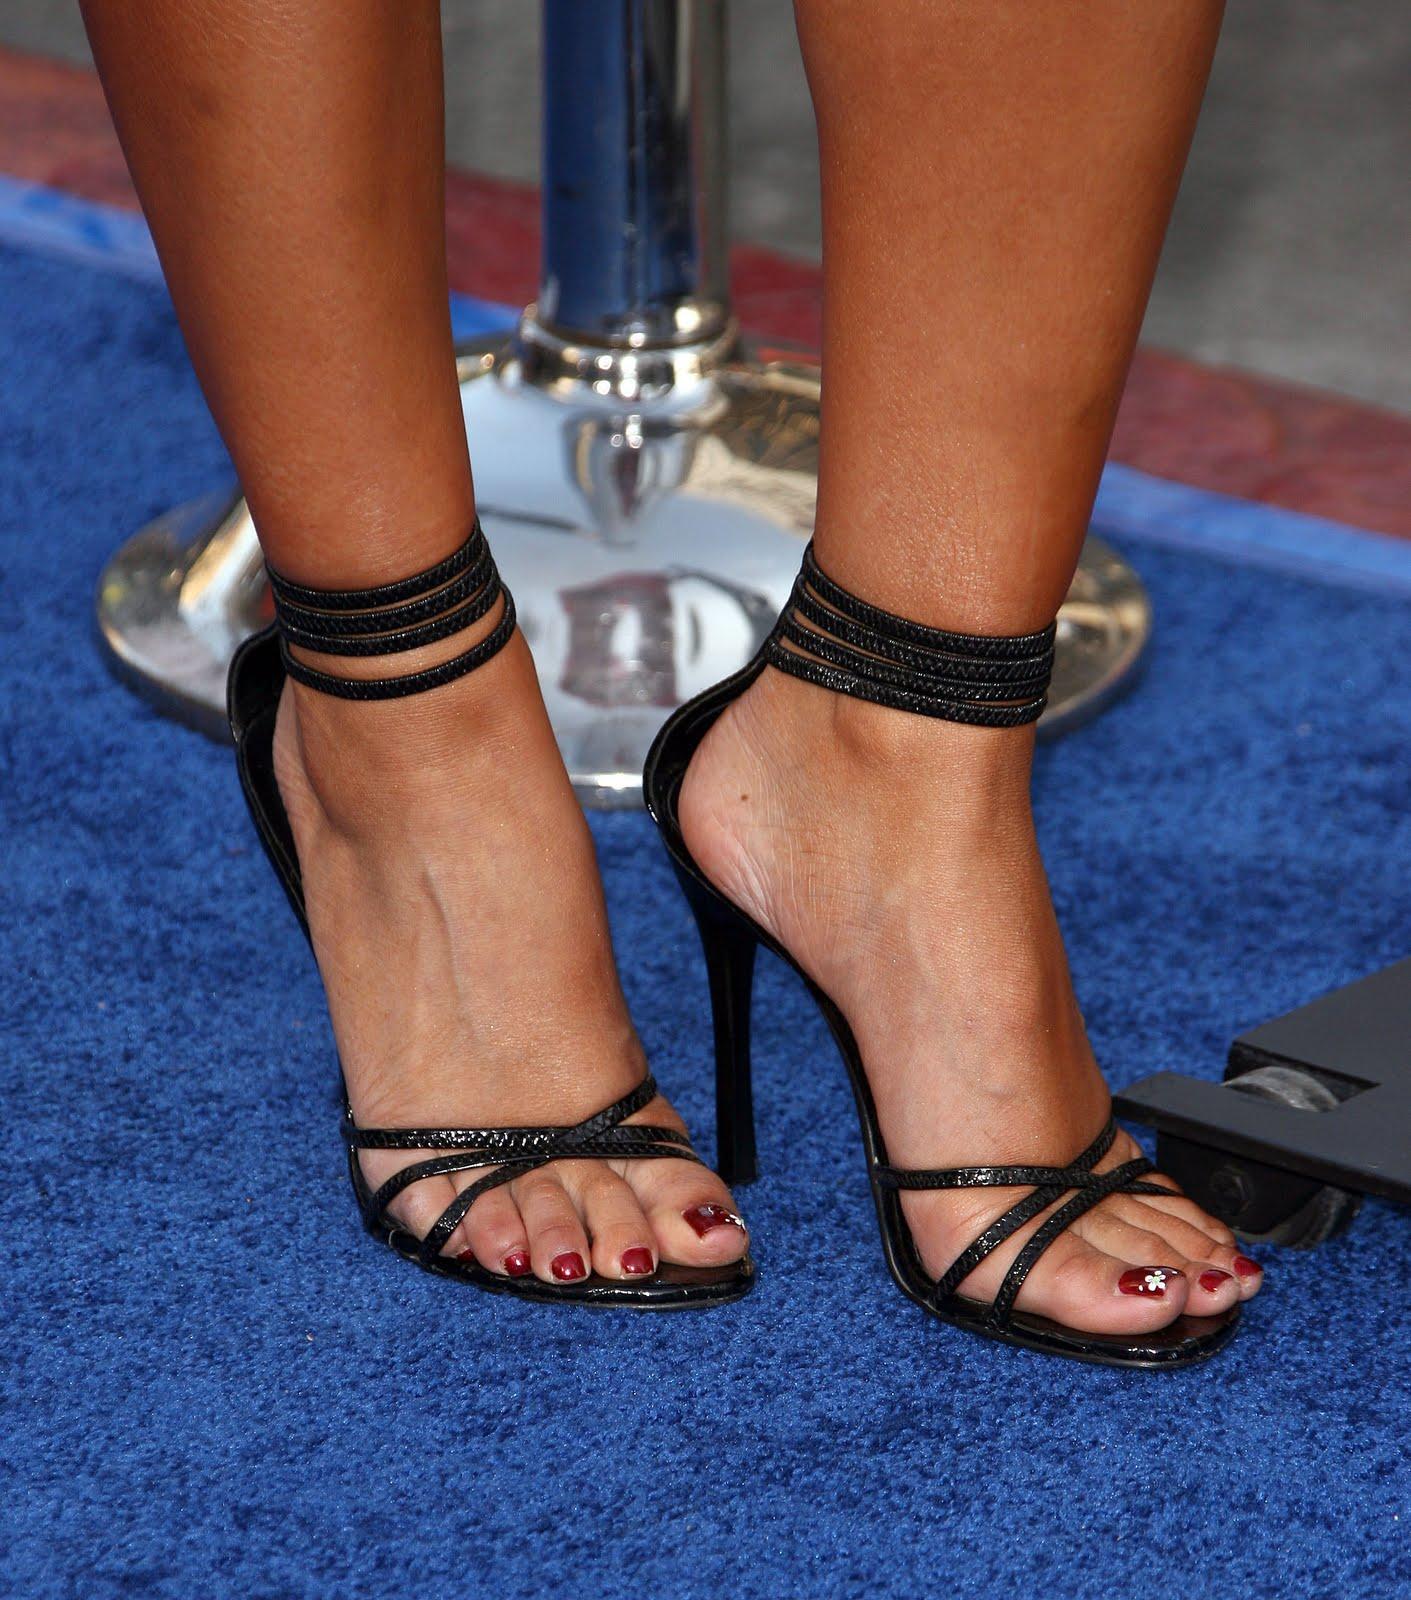 http://4.bp.blogspot.com/_bQ0SqifjNcg/THnywWjn1cI/AAAAAAAAb0U/n-1ktCy4zJU/s1600/tila-tequila-feet-2.jpg